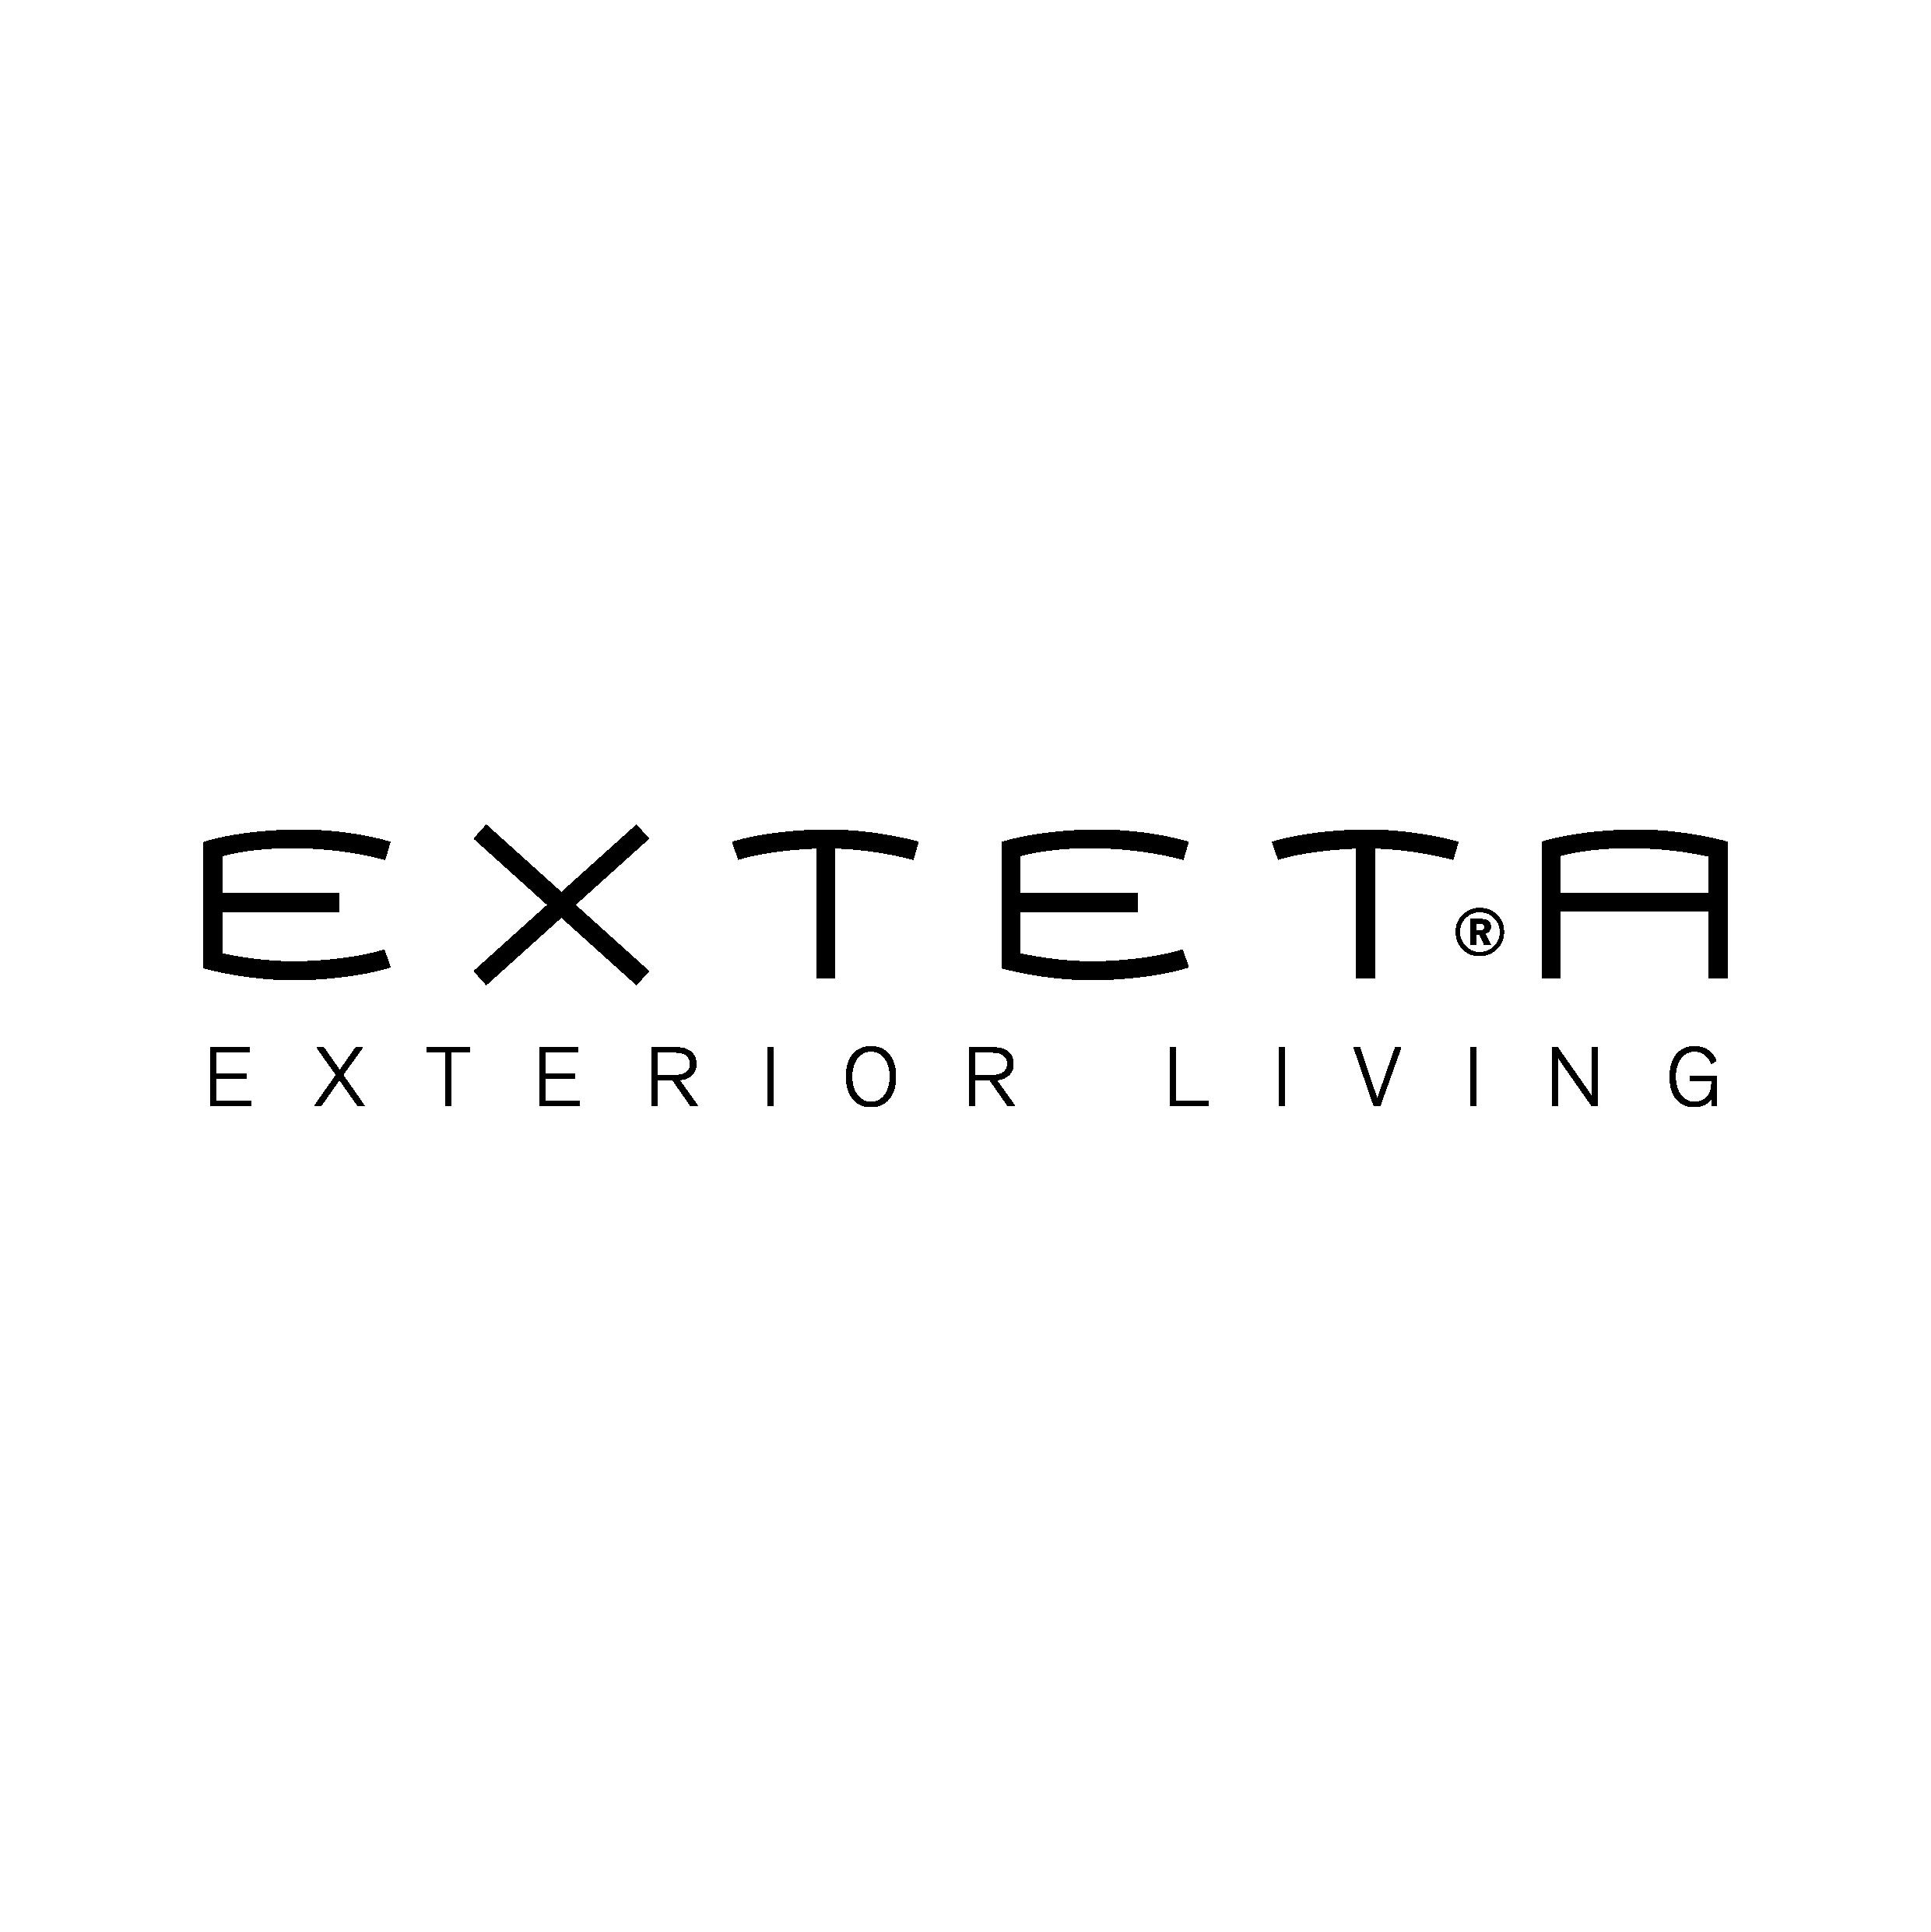 Logo-Exteta-Exterior-Living-Nero